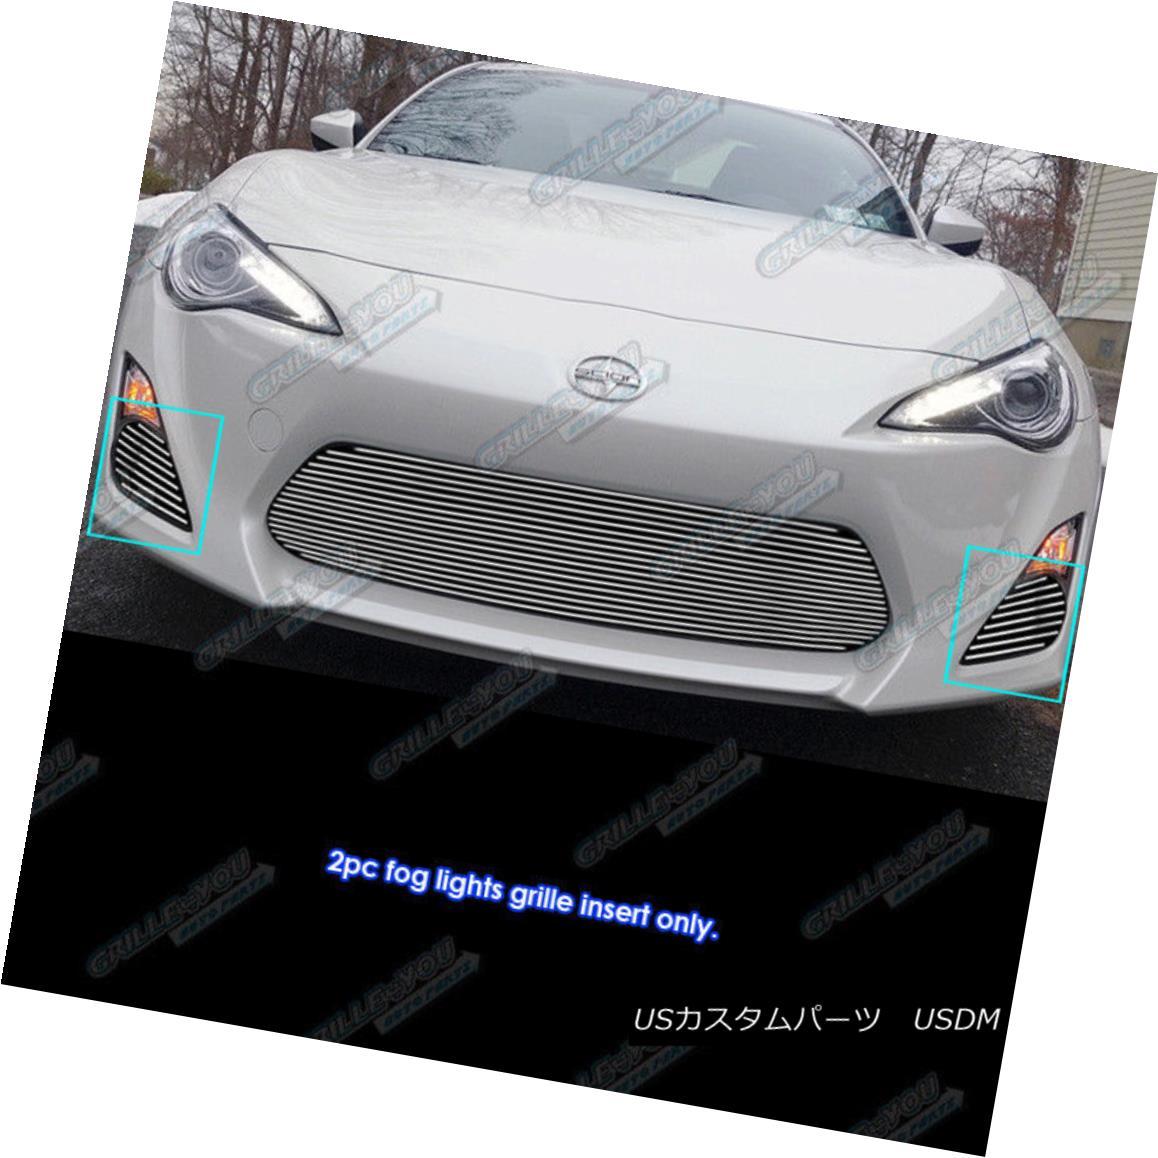 グリル Fits 2013-2016 Scion FR-S Fog Light Cover Billet Grille Insert 2013-2016 Scion FR-Sフォグライトカバービレットグリルインサート